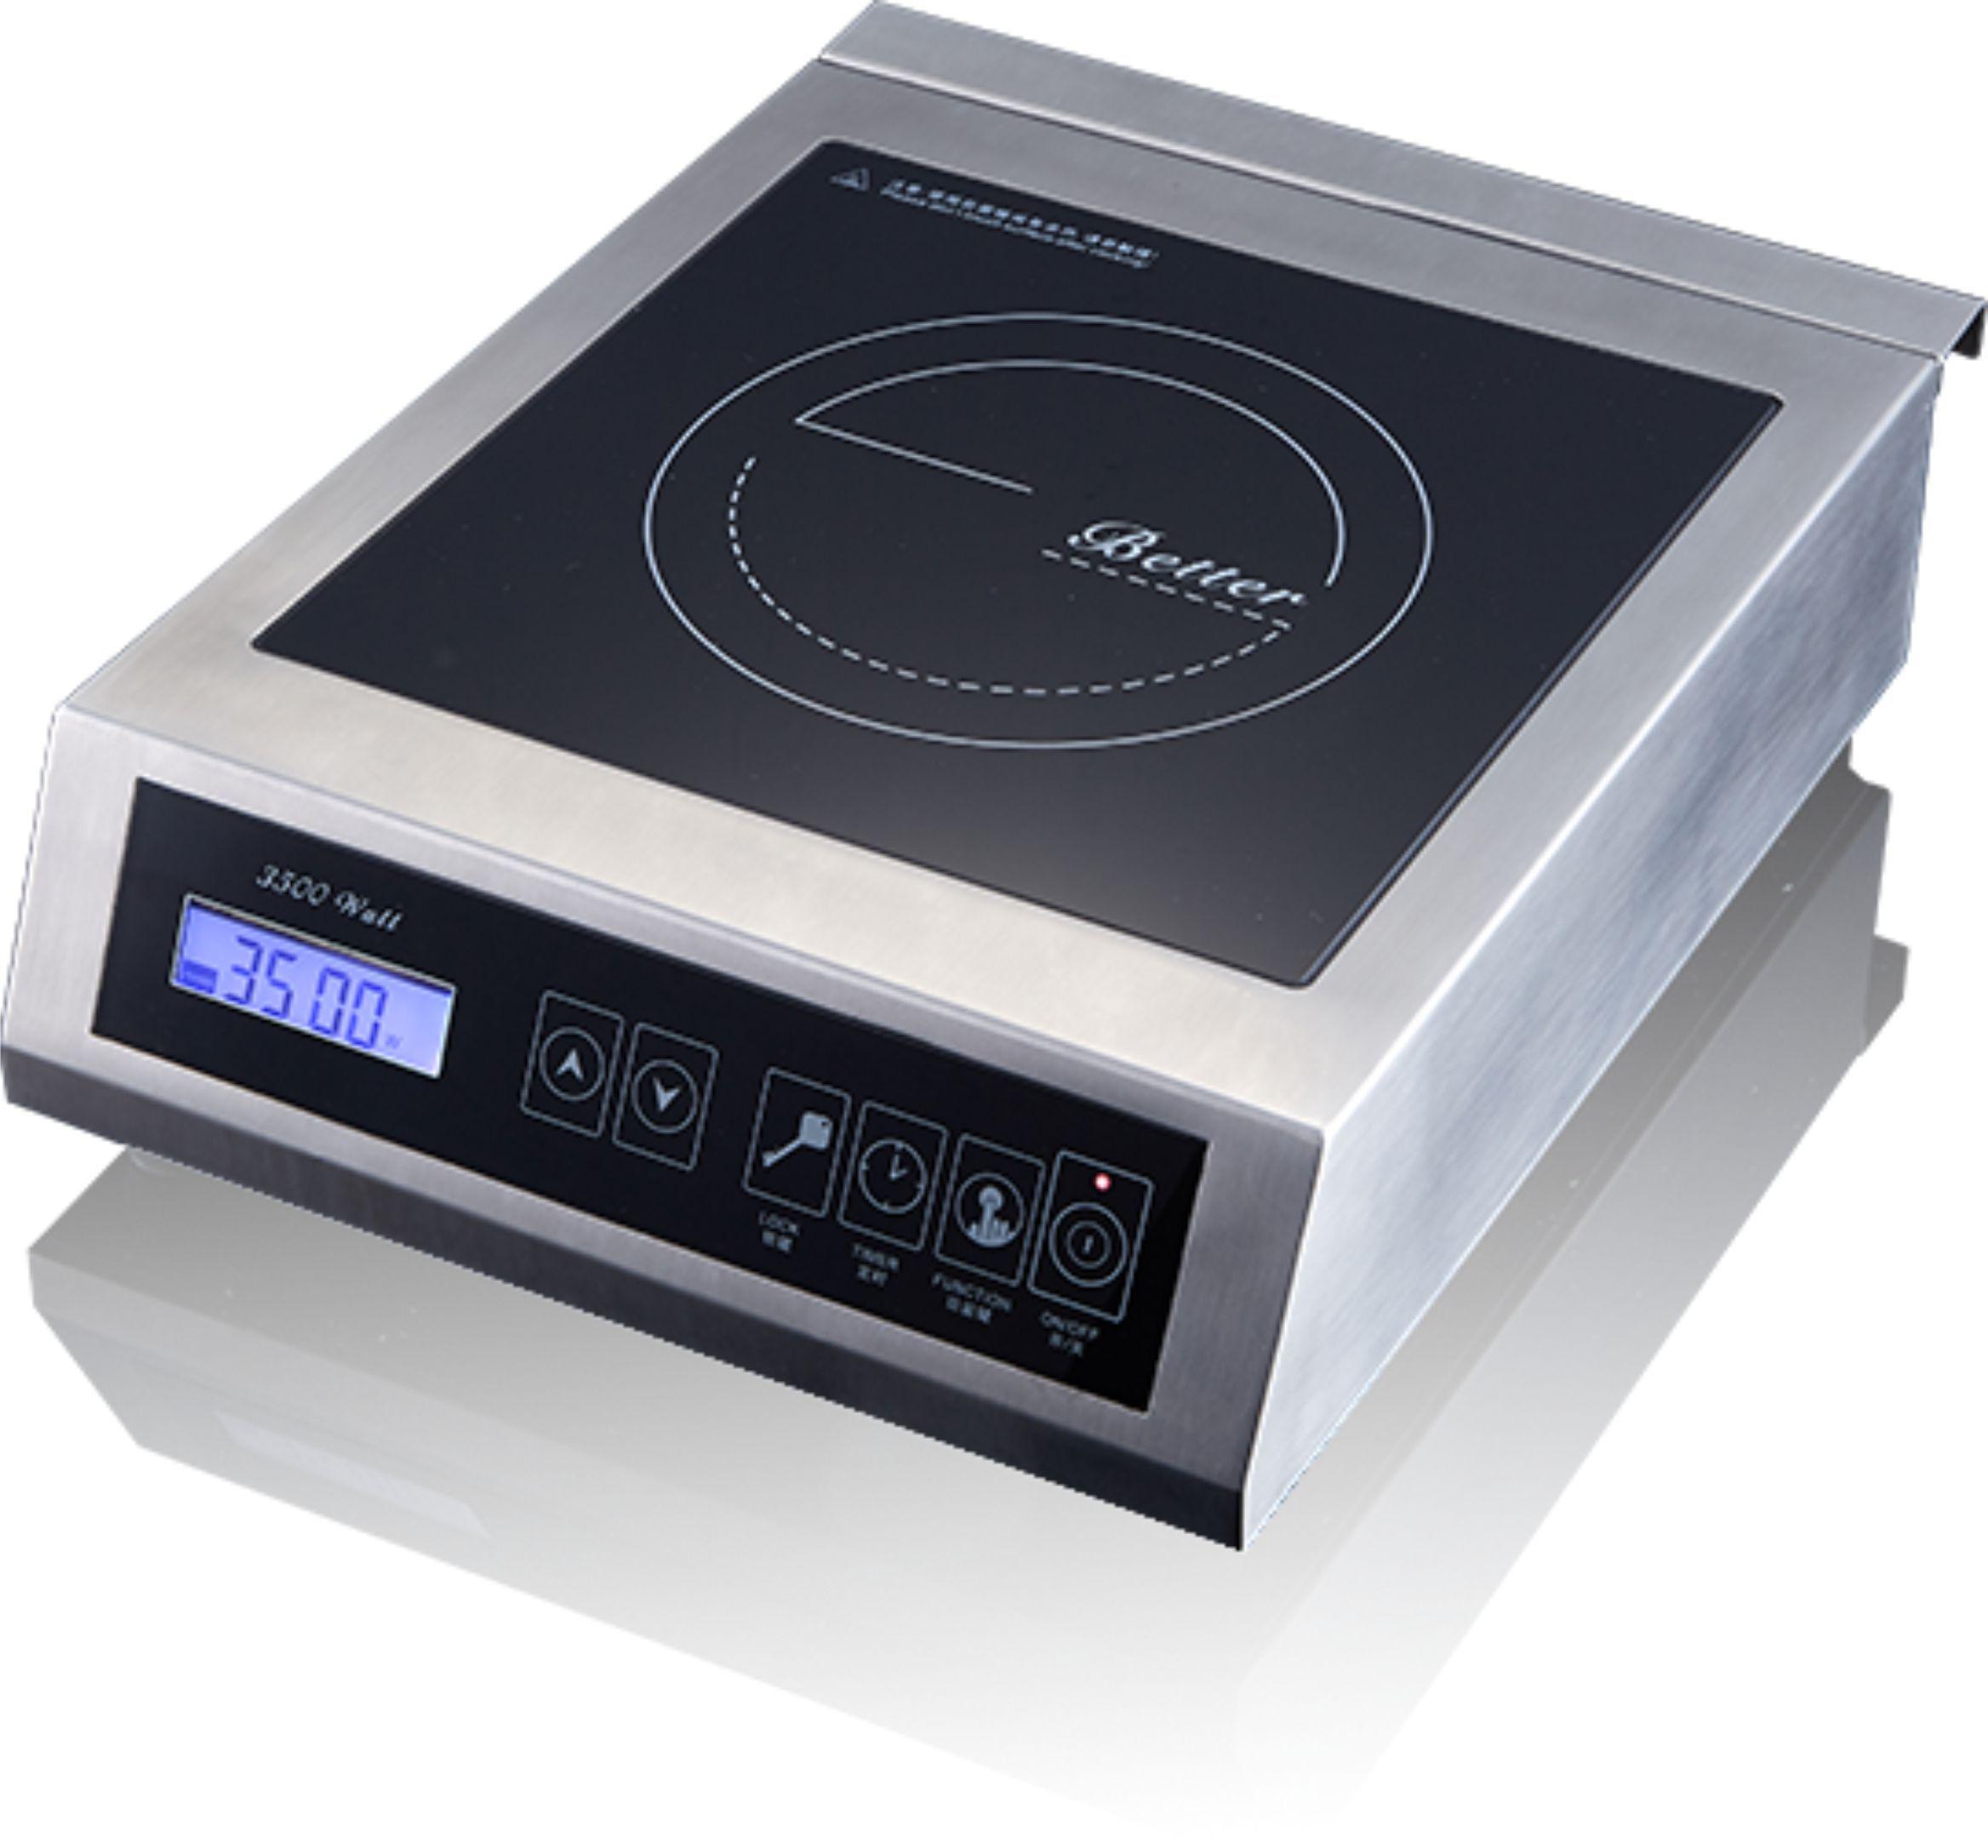 商用不锈钢电磁炉BT-E35